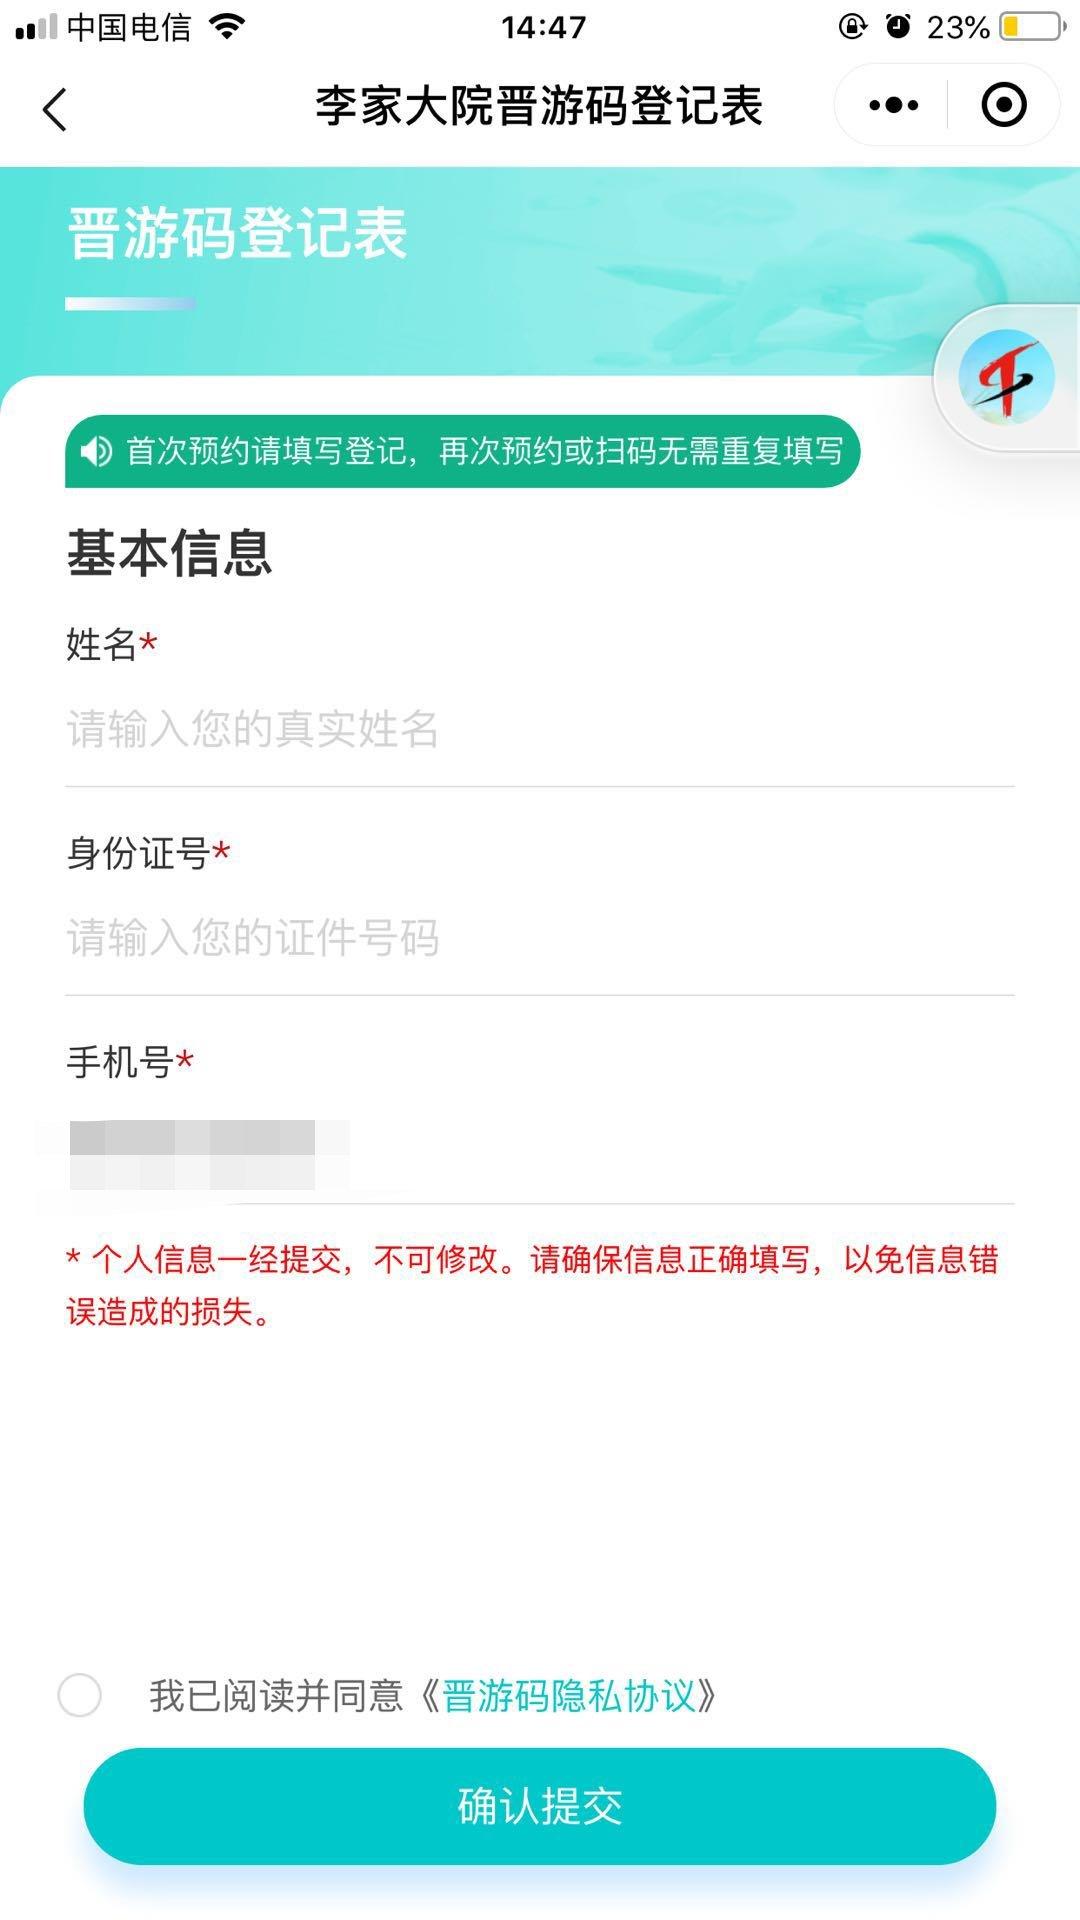 2020山西省李家大院免费门票政策(时间 预约 注意事项)